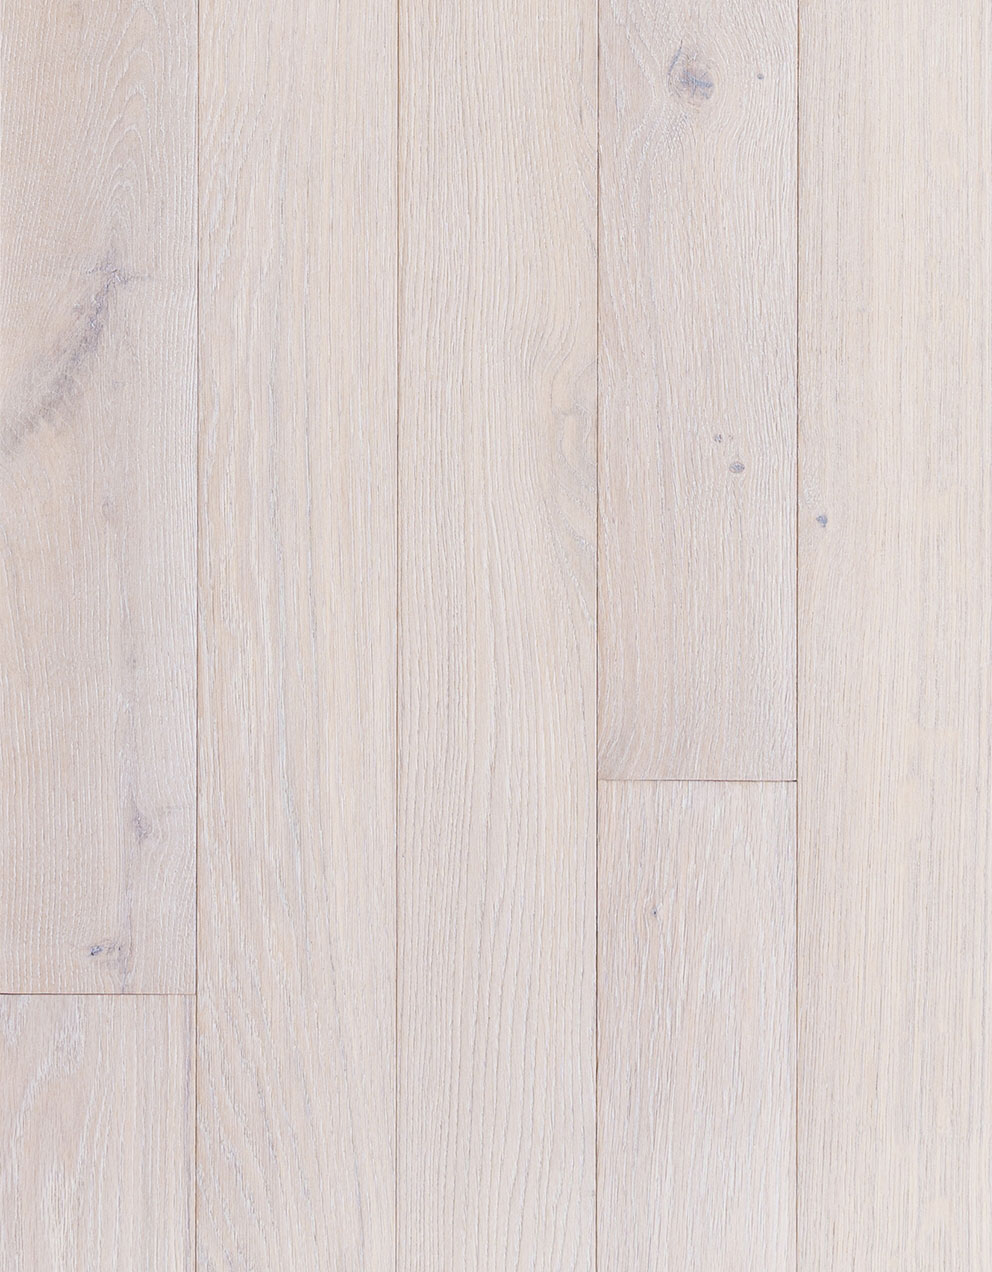 Pavimento en madera de Roble blanco nórdico